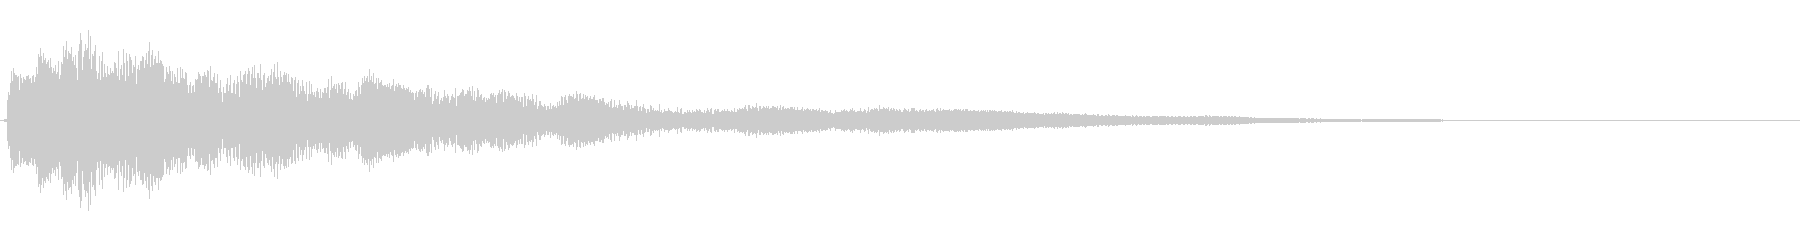 琴 アジアン 和 雅 効果音アイキャッチの未再生の波形